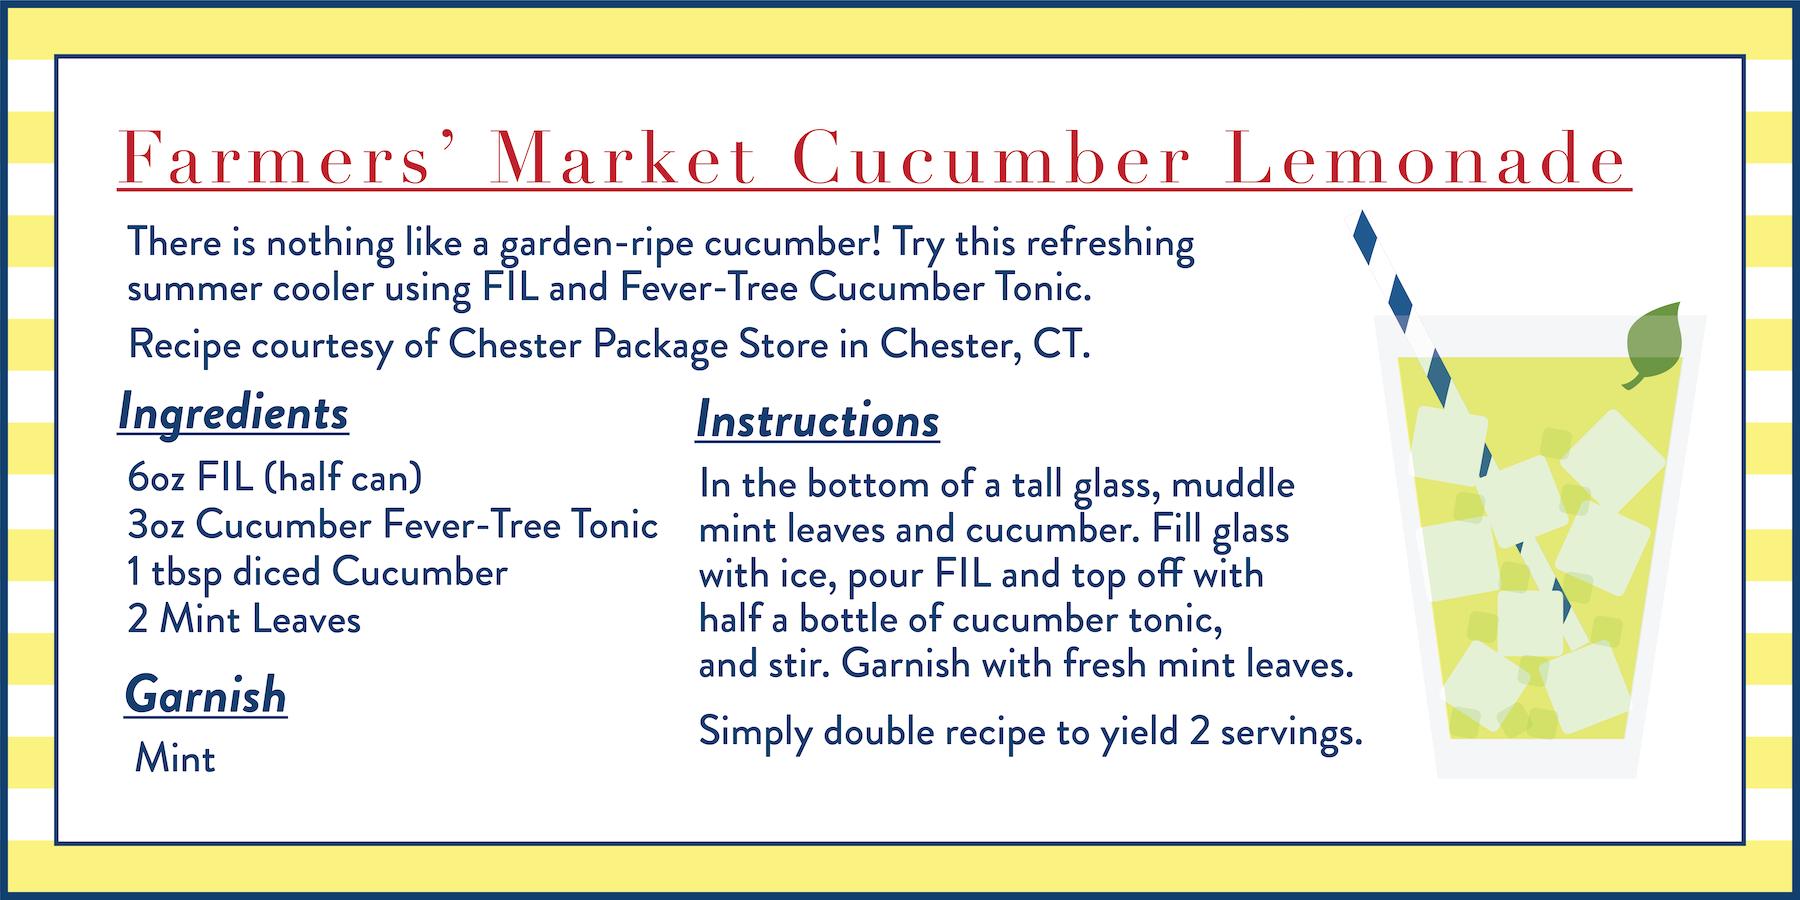 farmers market cucumber lemonade recipe